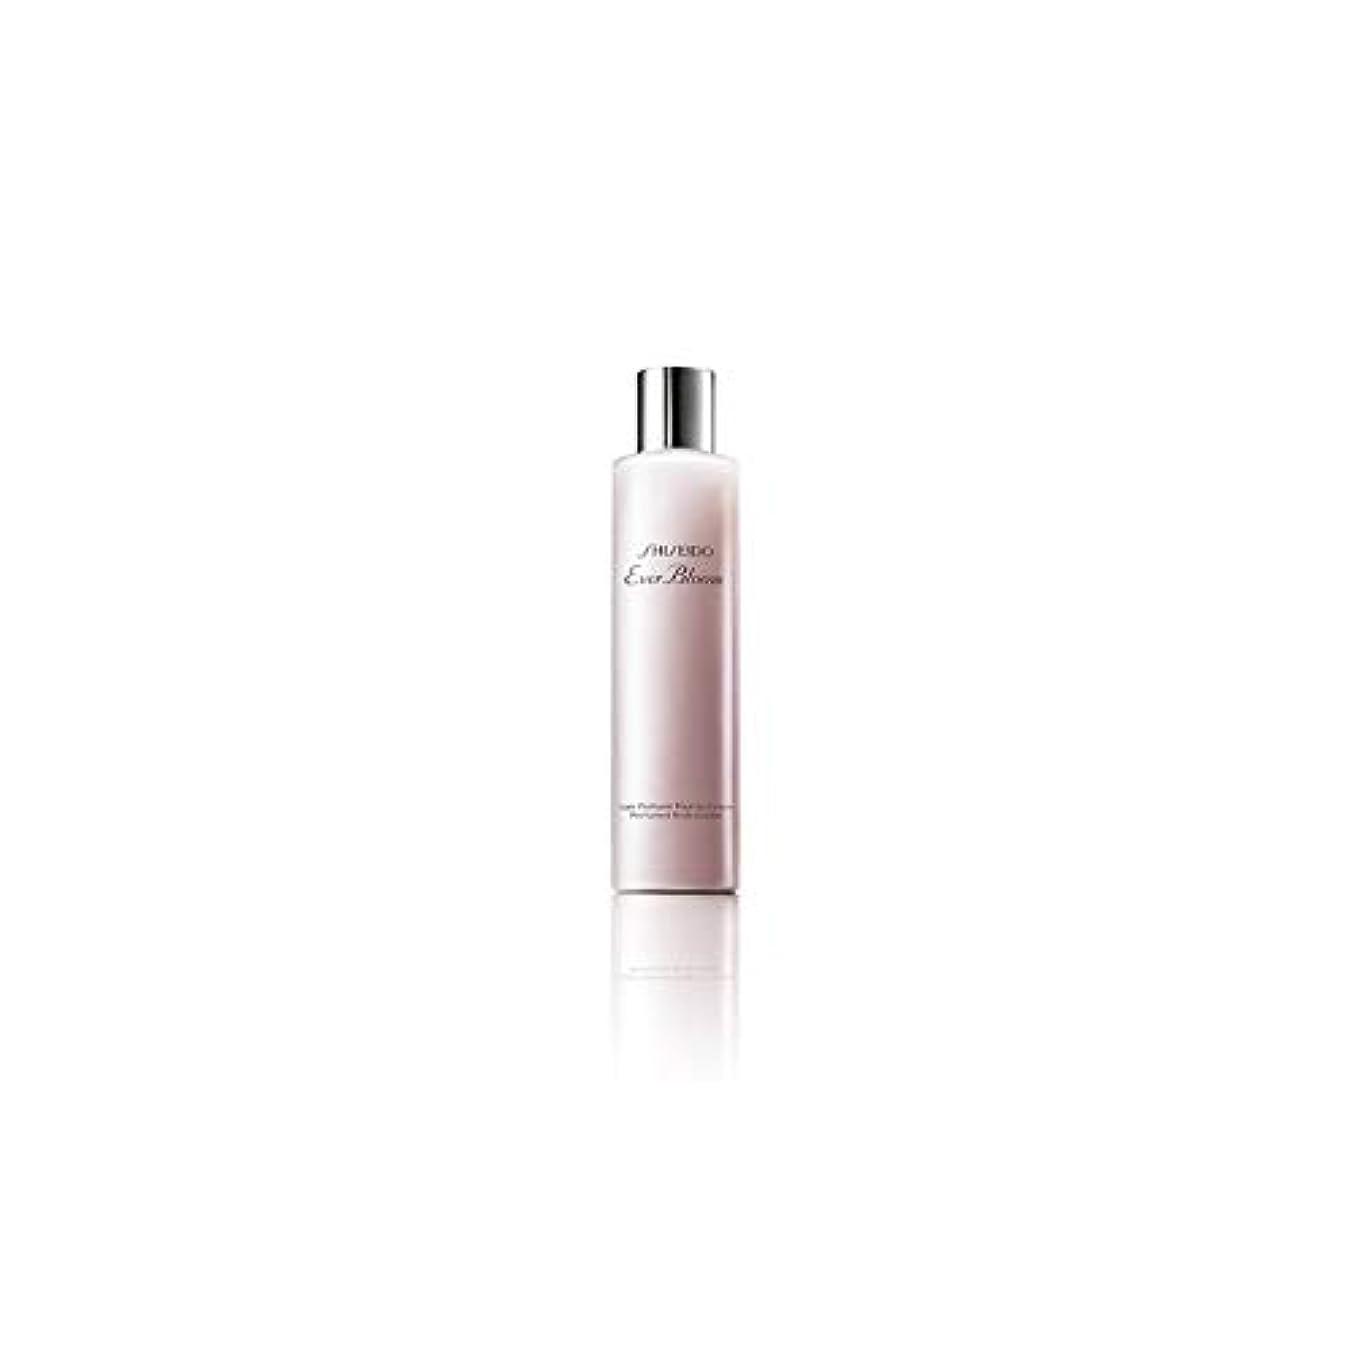 乏しい休戦復讐[Shiseido] 資生堂これまでブルームボディローション(30ミリリットル) - Shiseido Ever Bloom Body Lotion (30ml) [並行輸入品]